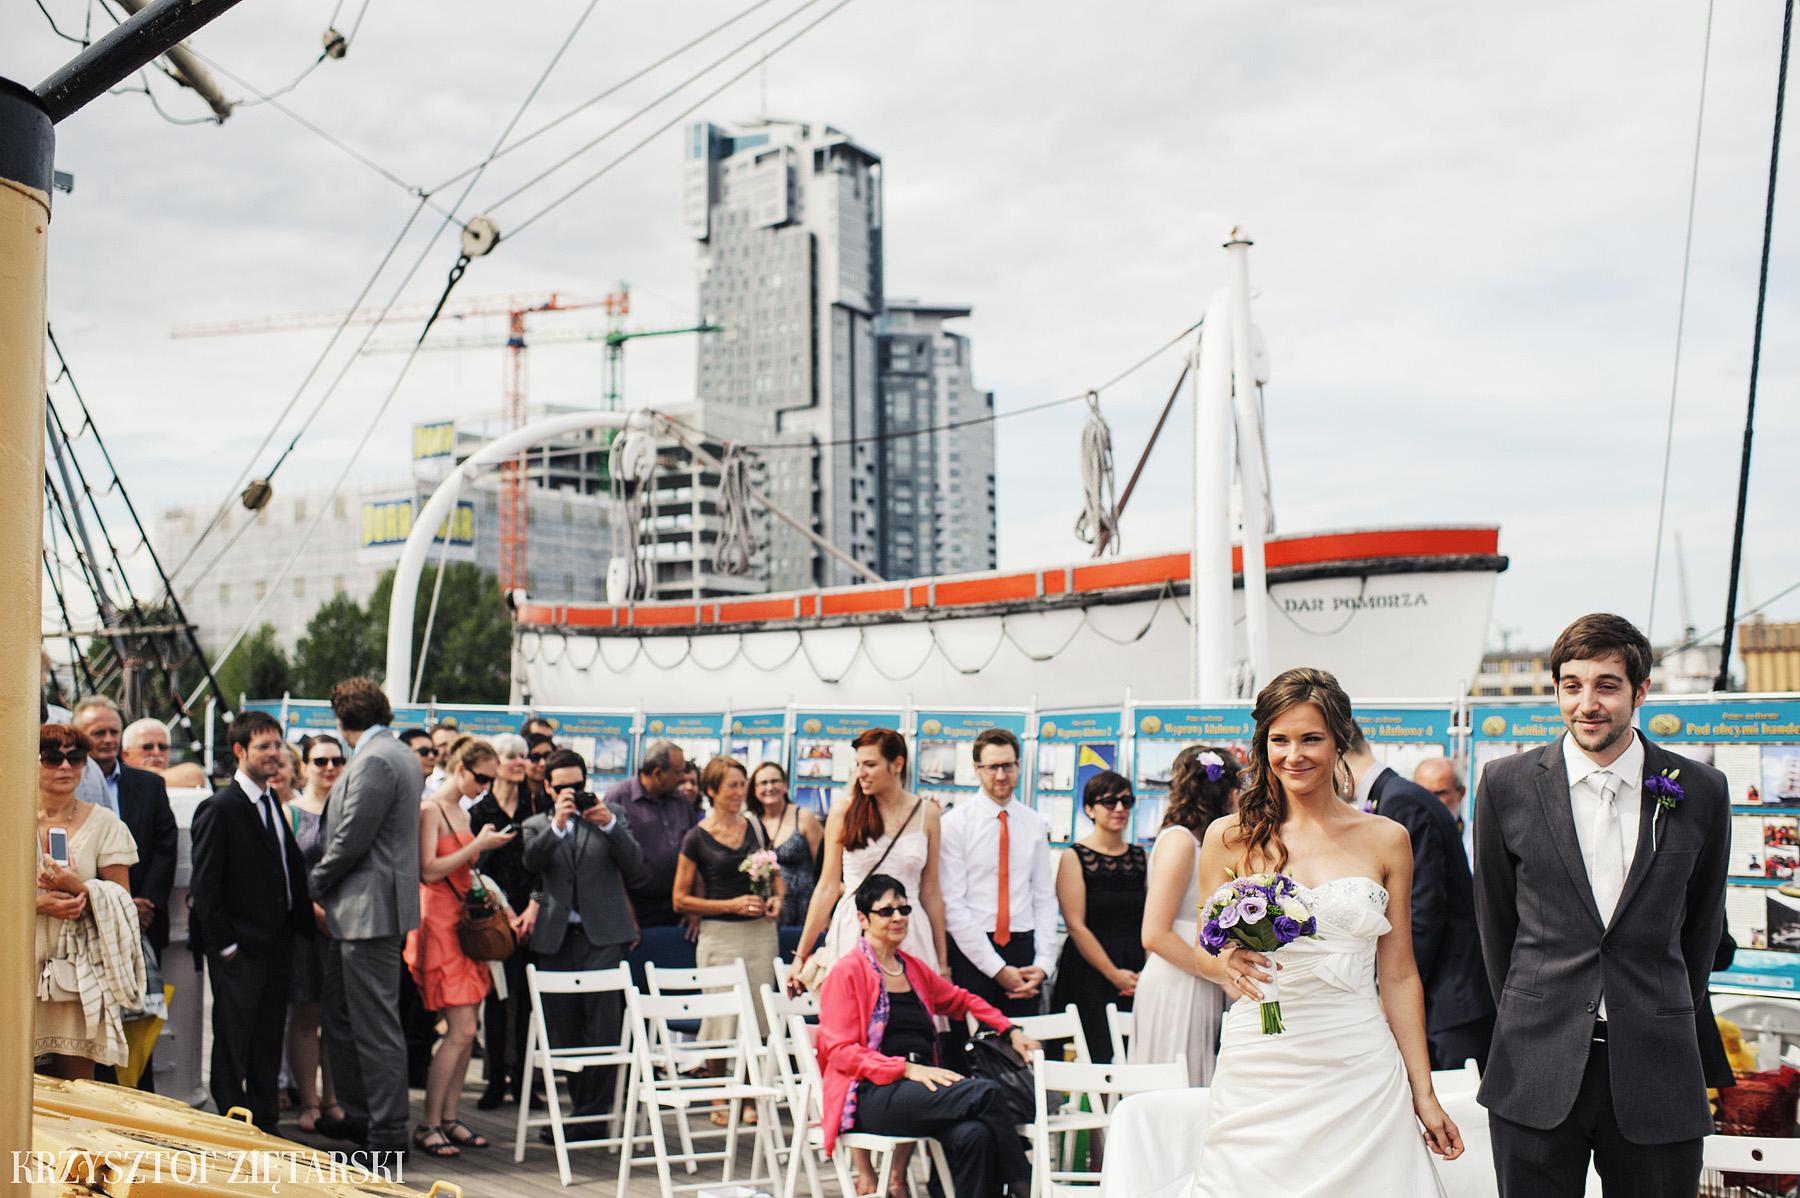 Gosia i Gabriele - Fotografia ślubna Gdynia - Dar Pomorza, Gościniec dla Przyjaciół Wyczechowo, Sea Towers - 15.